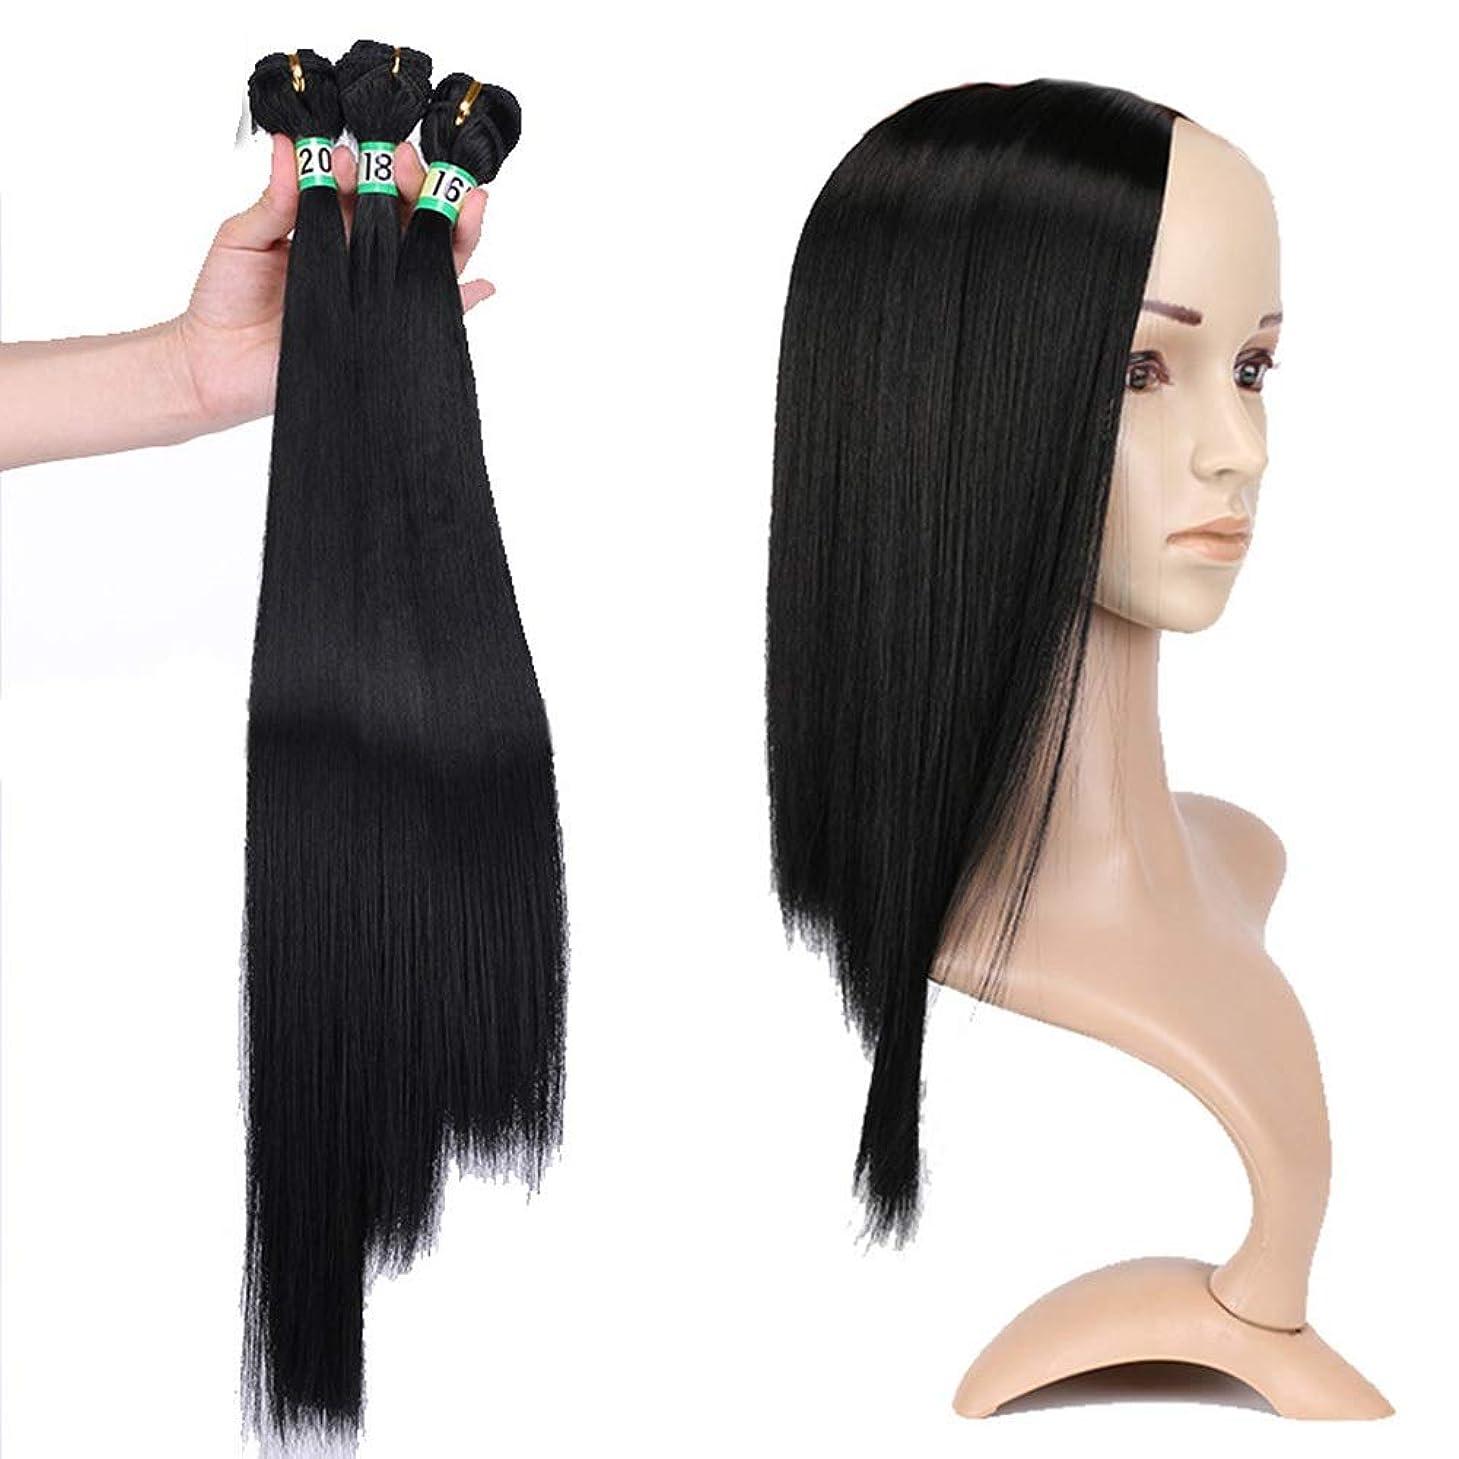 の慈悲で楽しむ勧めるHOHYLLYA 人工毛絹のようなストレートの髪織り3バンドル - 1Bナチュラルブラックヘアエクステンション(16